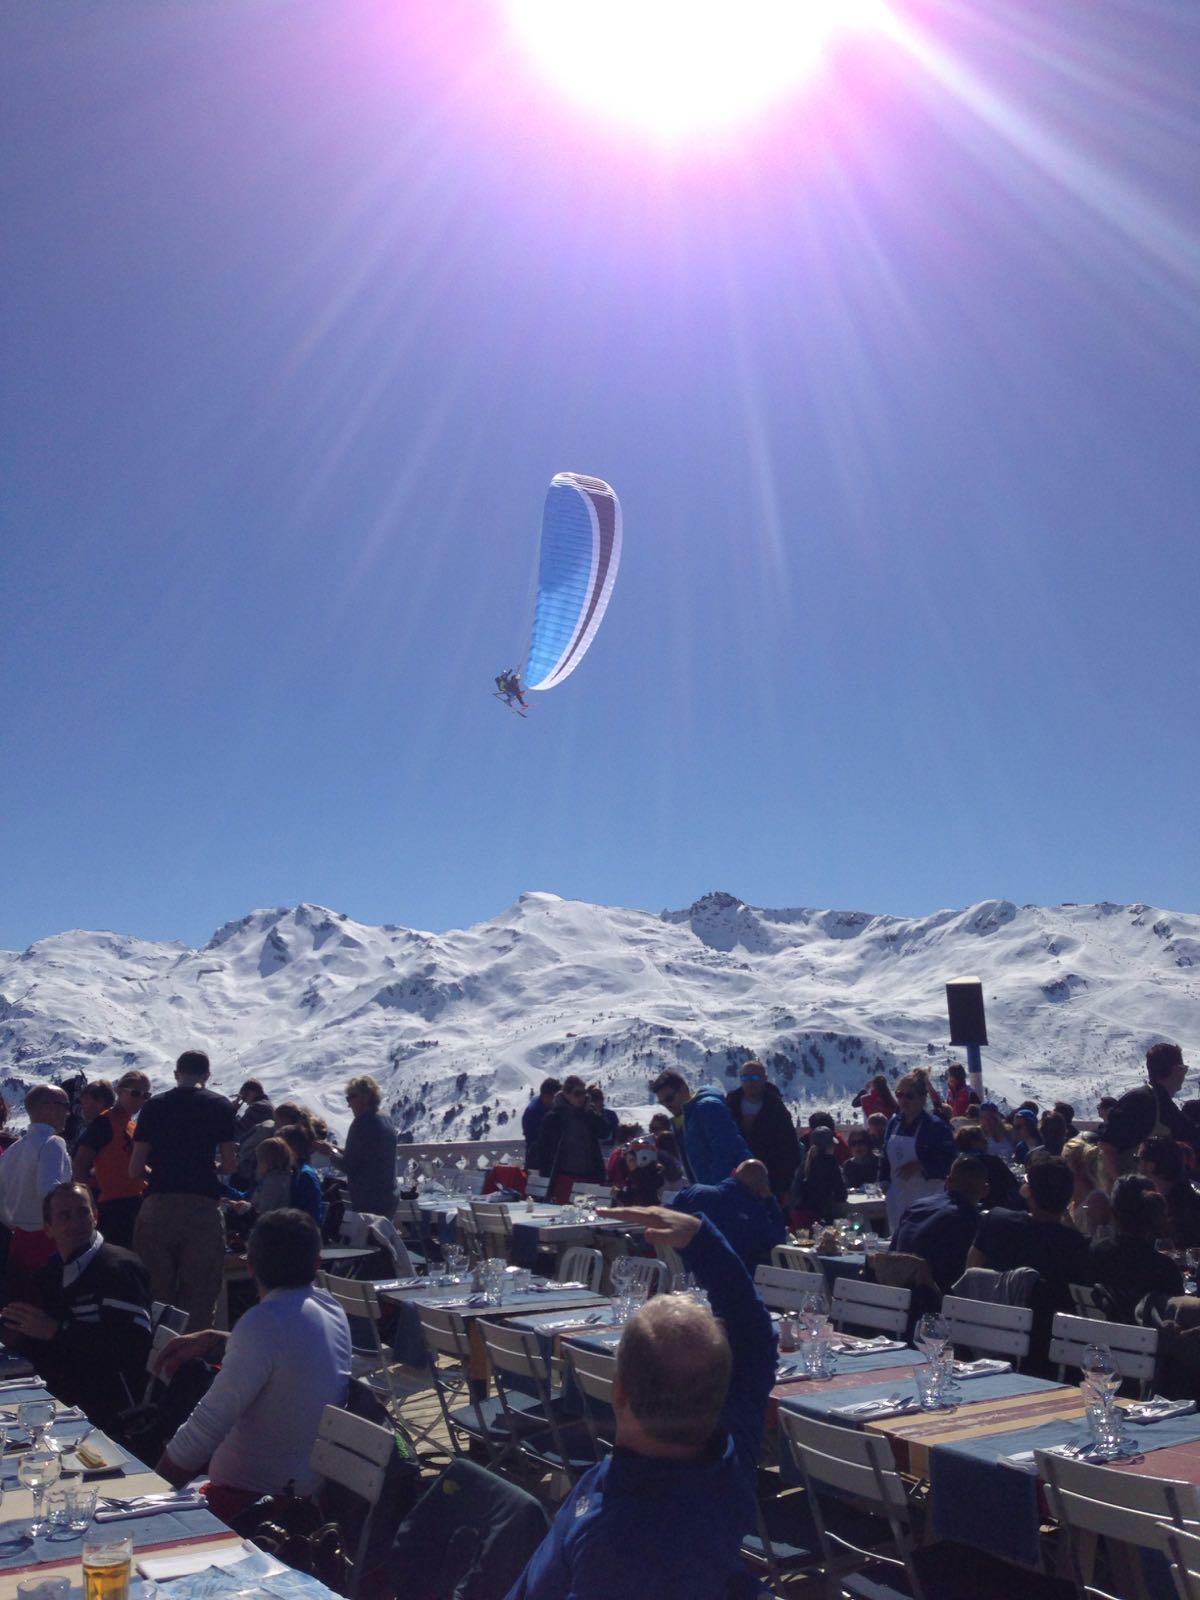 Courchevel mountain restaurants